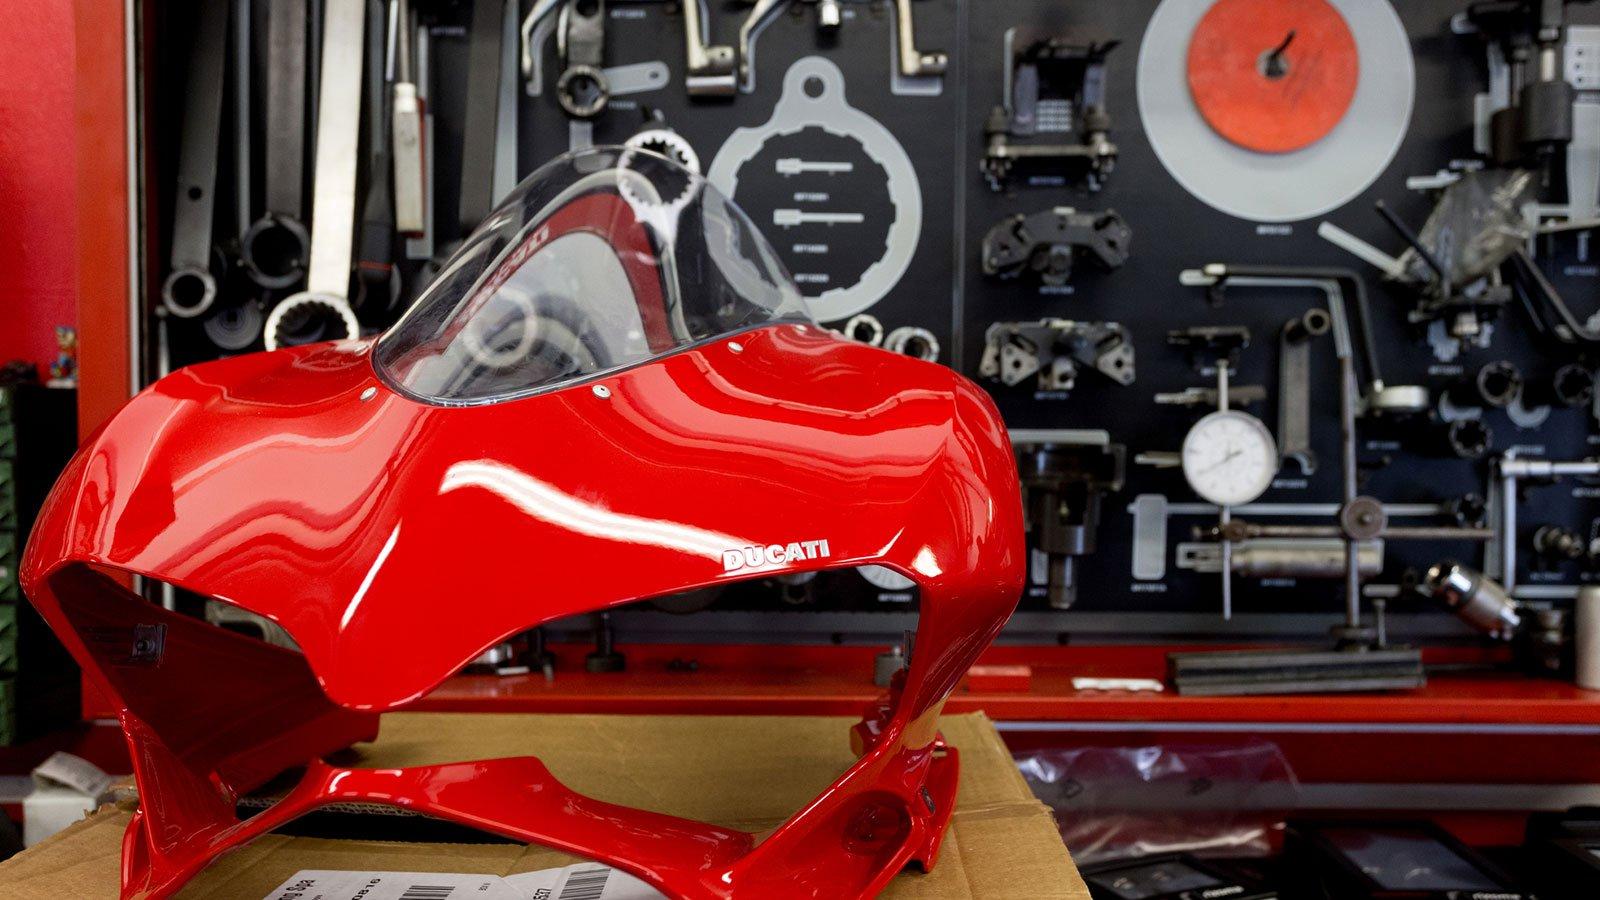 una carena anteriore di una Ducati di color rosso smontata e dietro degli attrezzi appesi al muro su un pannello